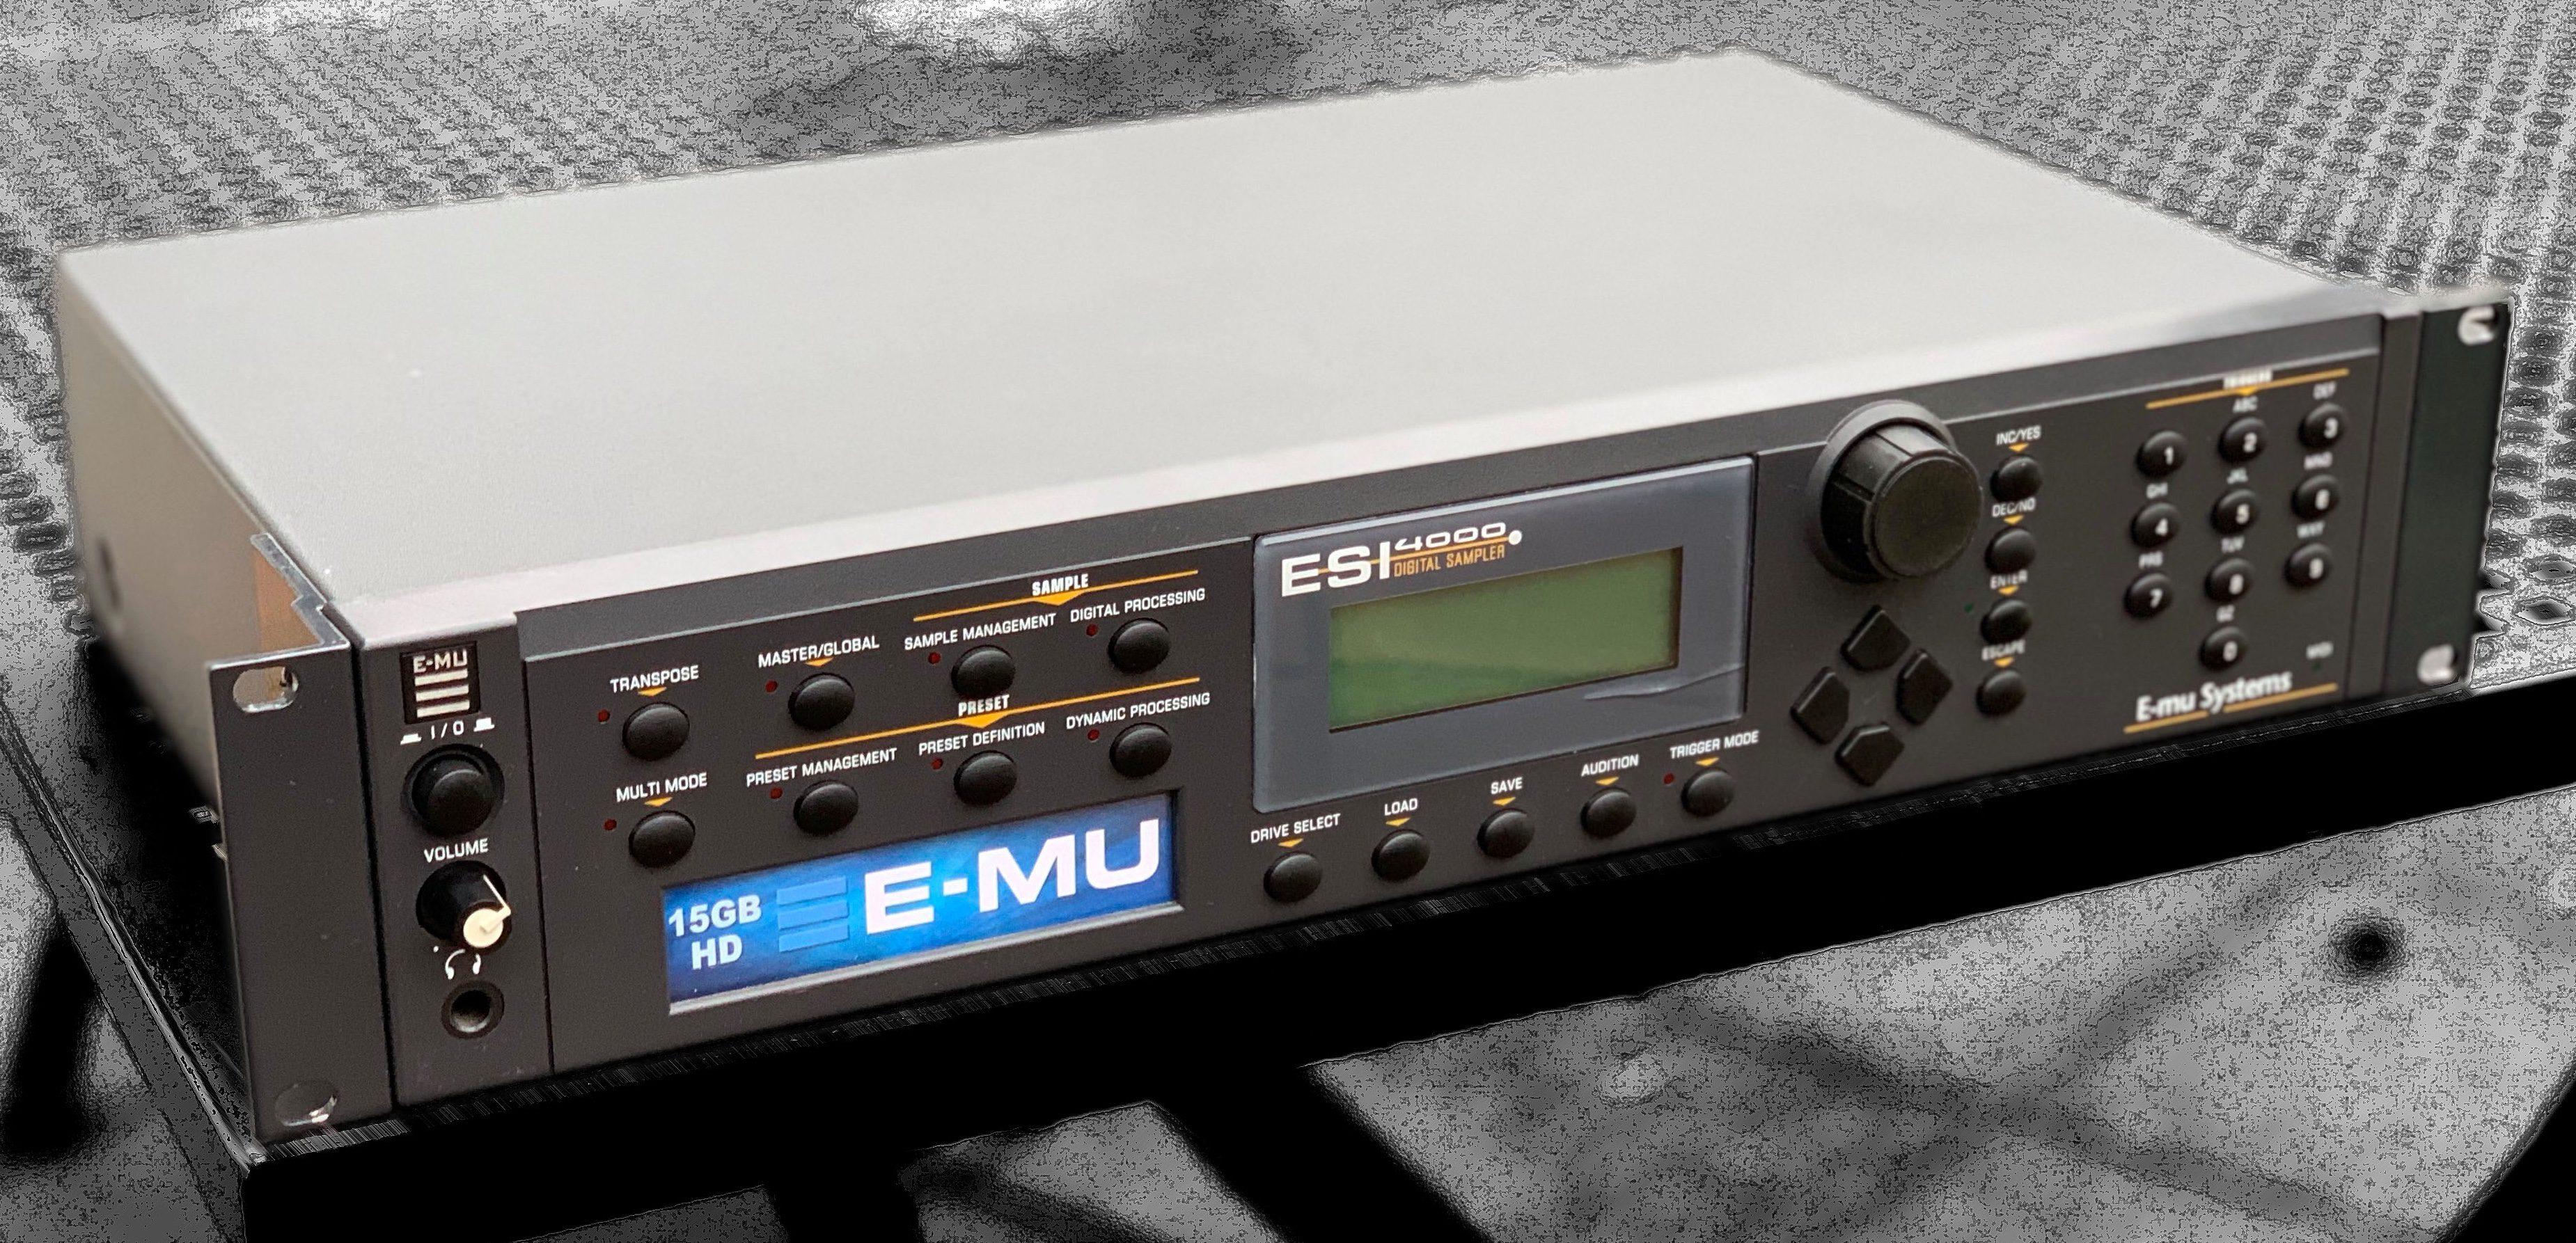 E-mu ESI 2000